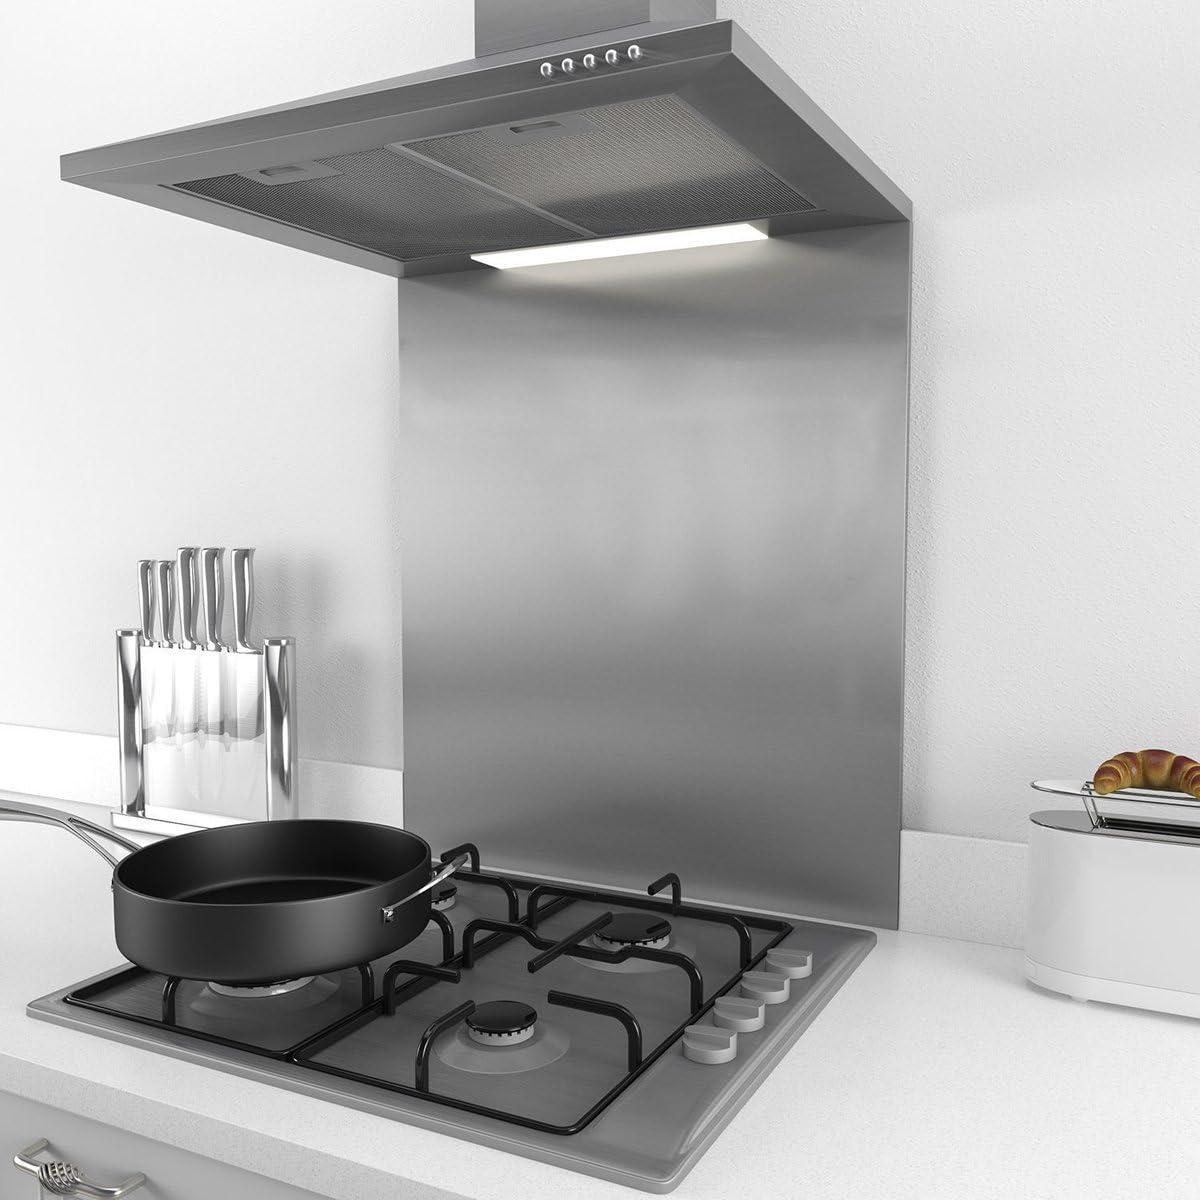 CIARRA Splashback Acero Inoxidable 60 x 75 cm, para Campana Extractora 60 cm: Amazon.es: Grandes electrodomésticos